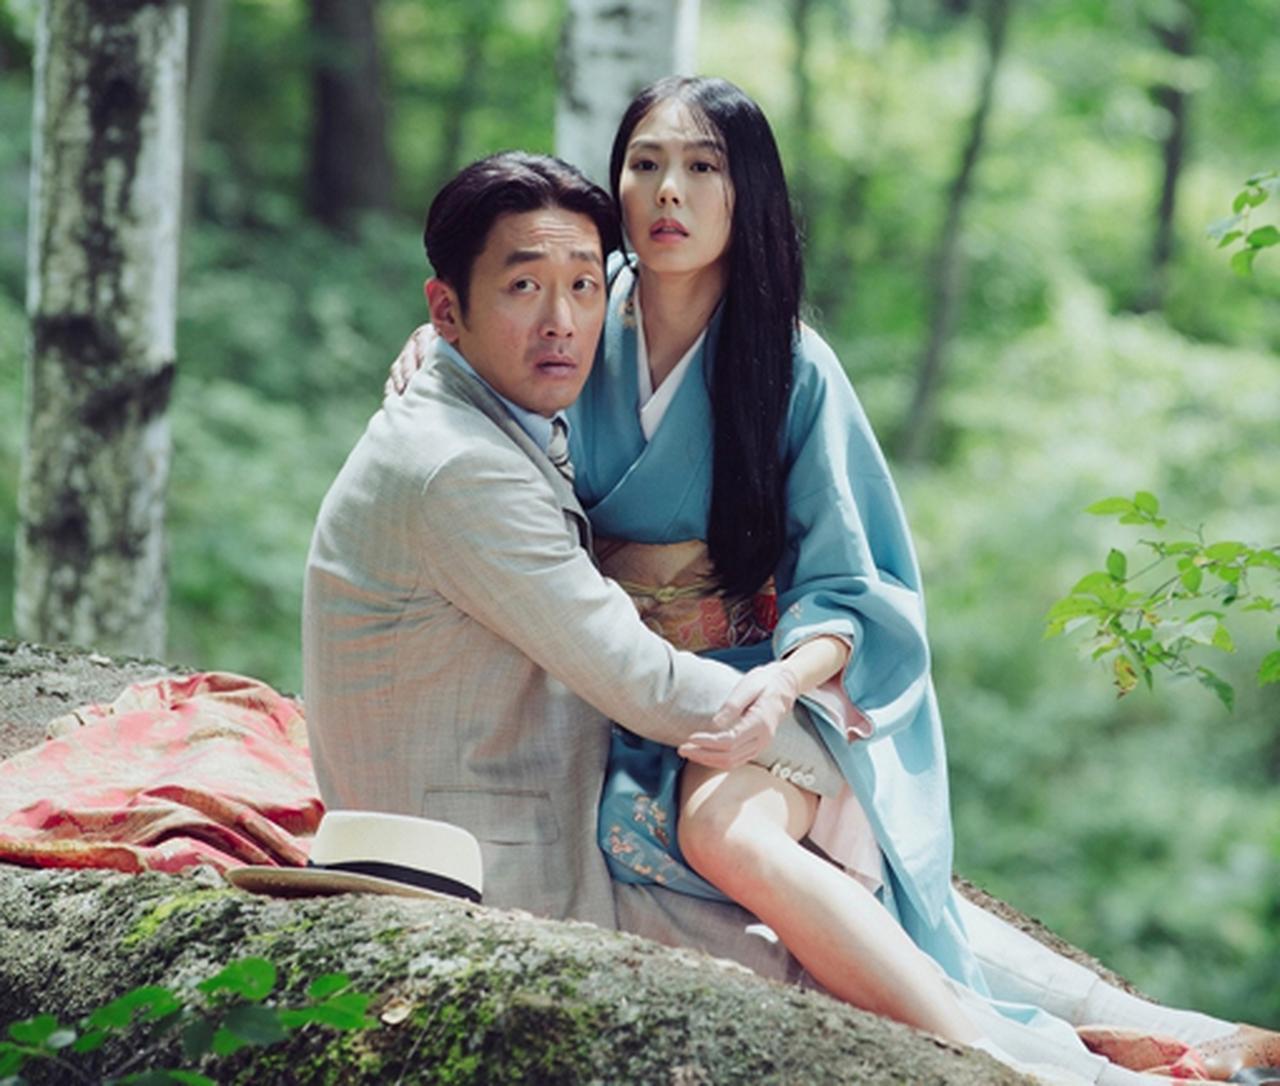 画像: ©2016 CJ E&M Corporation, Moho Film, Yong Film. All Rights Reserved